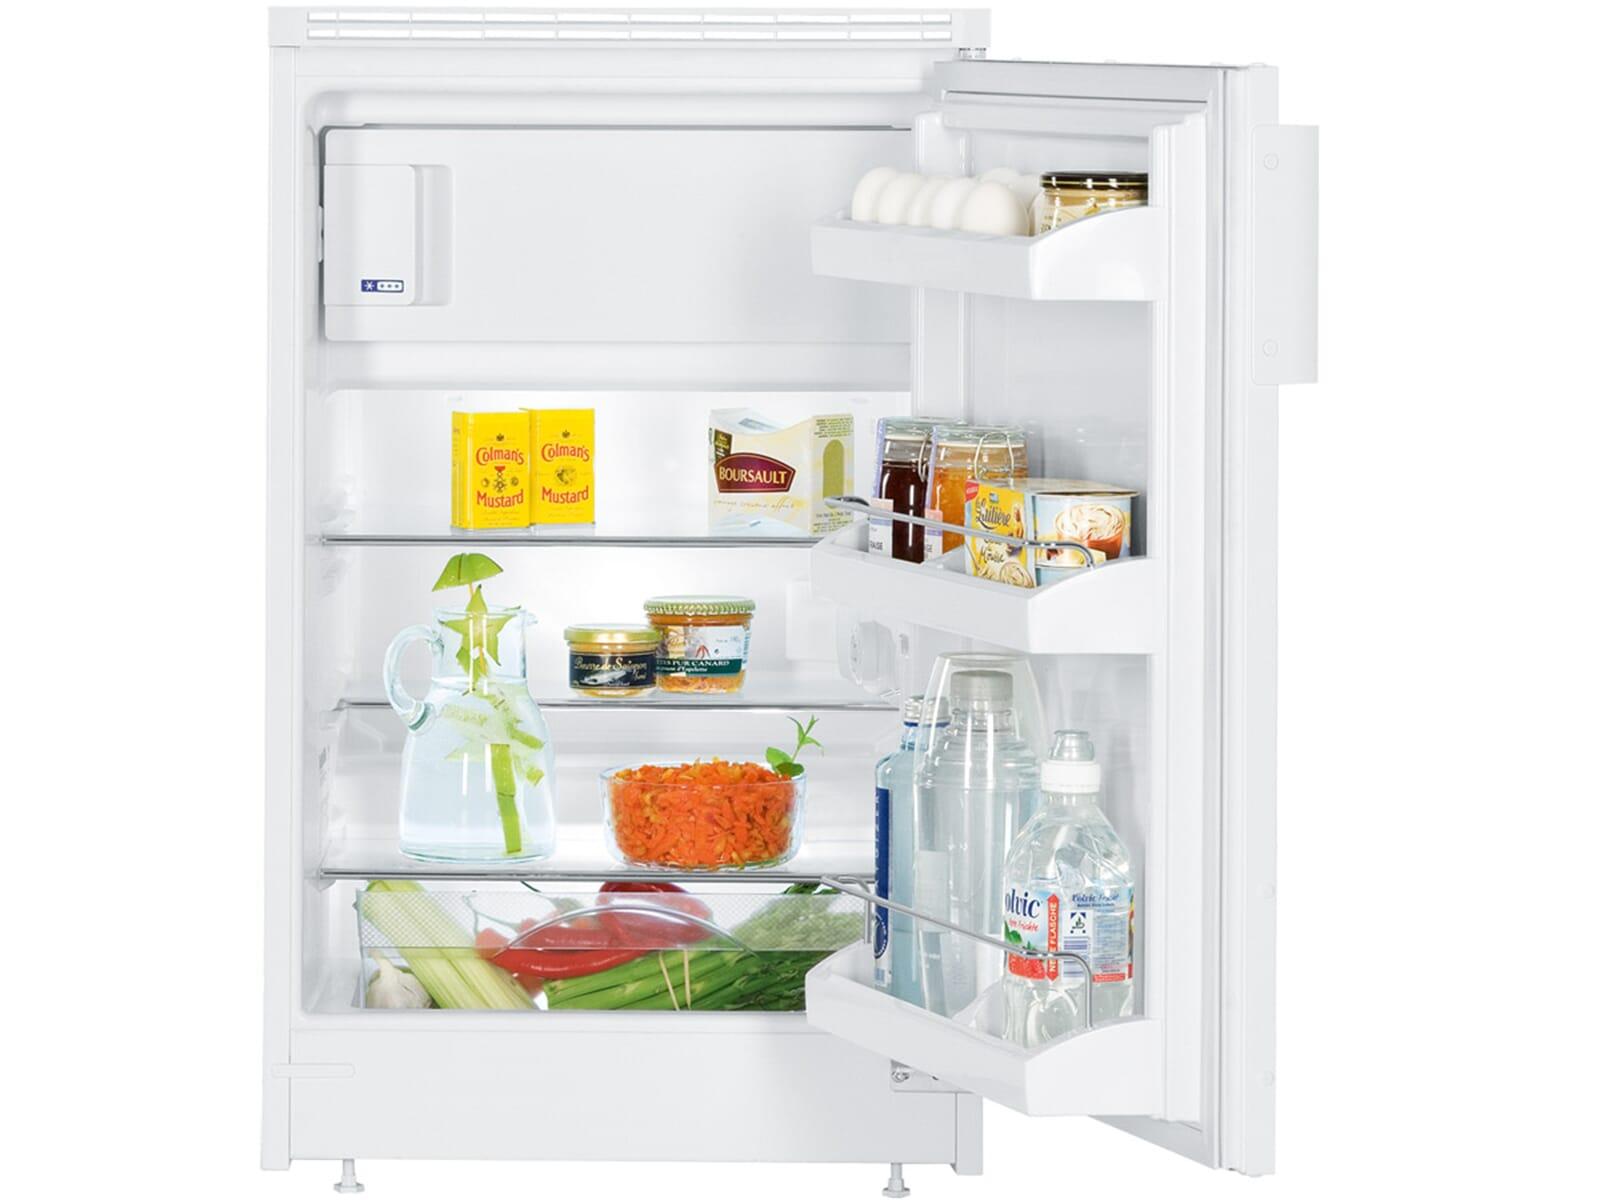 Gorenje Kühlschrank Dekorfähig : Unterbau kühlschrank dekorfähig desire einbau gefrierschrank